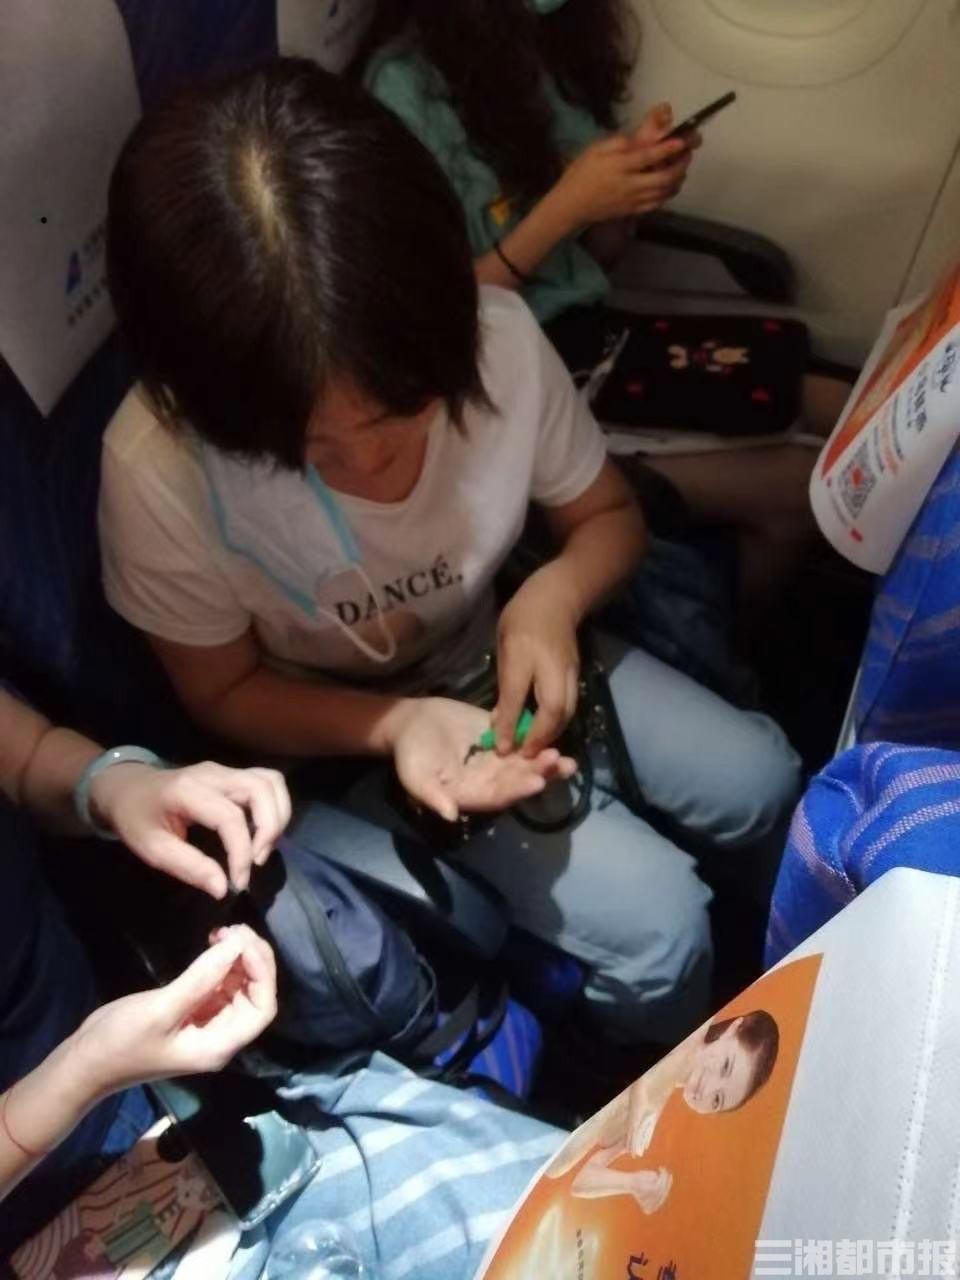 7分钟急救!飞机正在滑行,一名旅客突发心脏疾病…